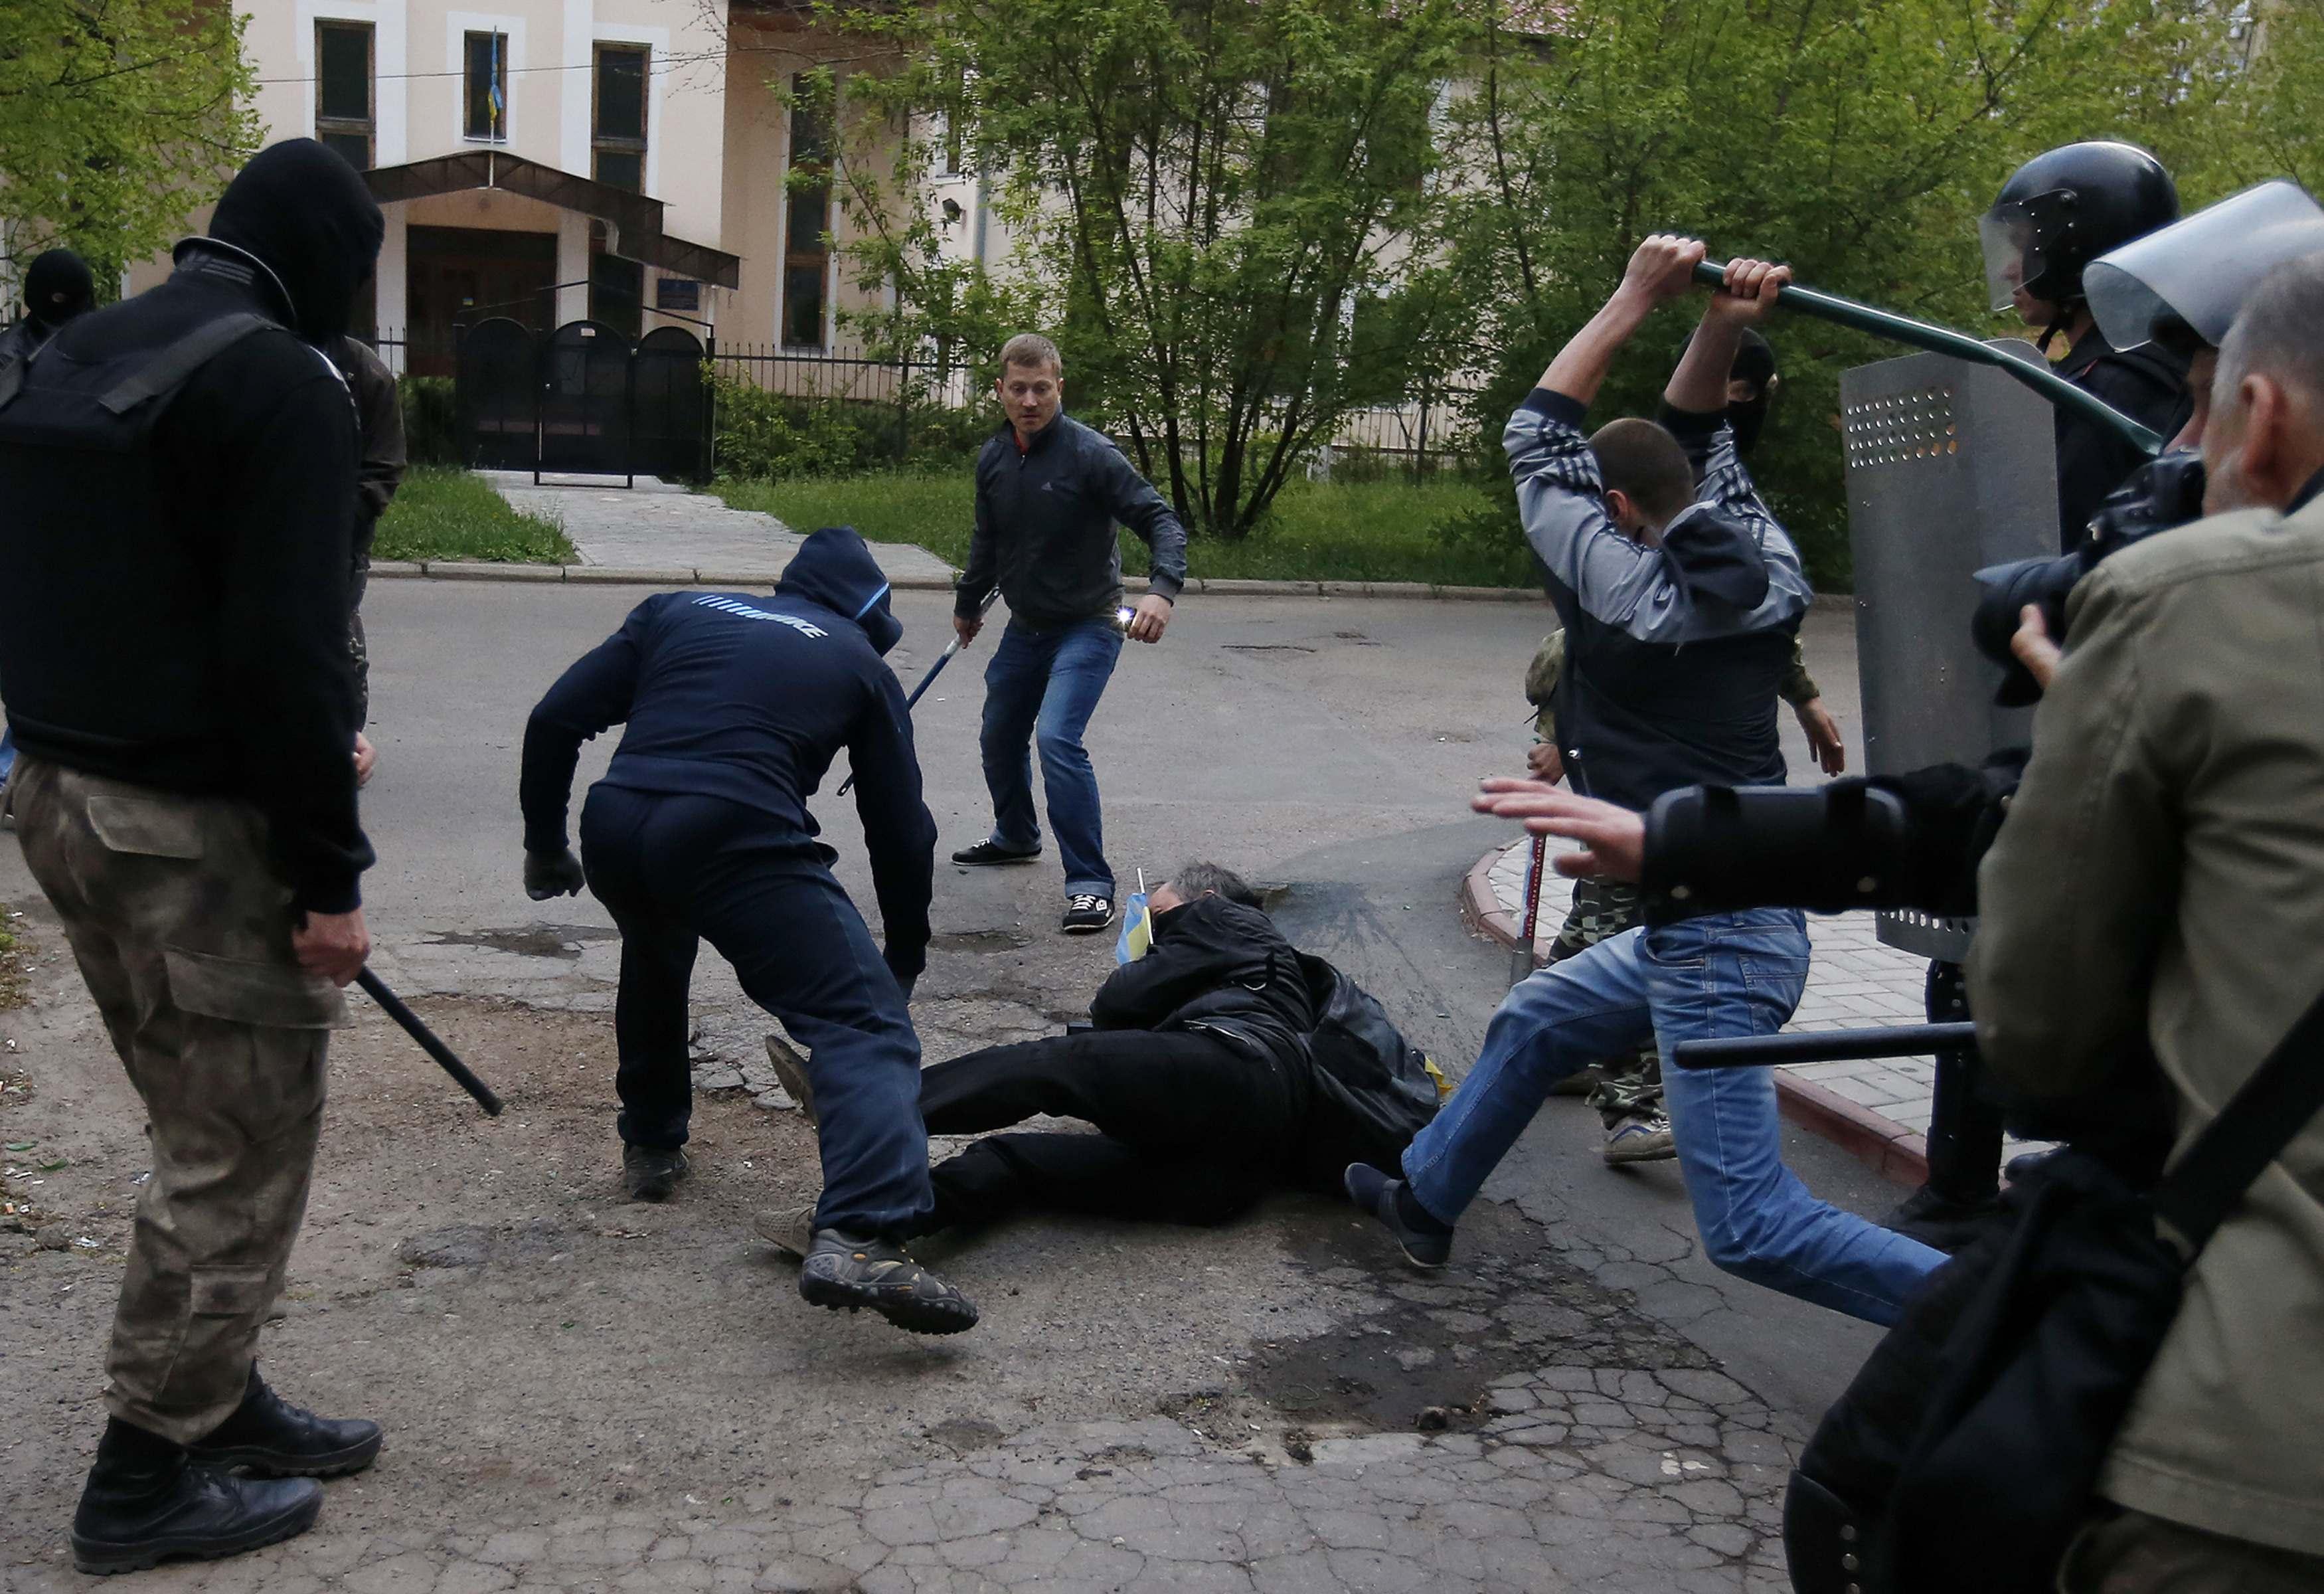 Танкісти бригад ОС проводять навчання в районі відводу - Цензор.НЕТ 3535